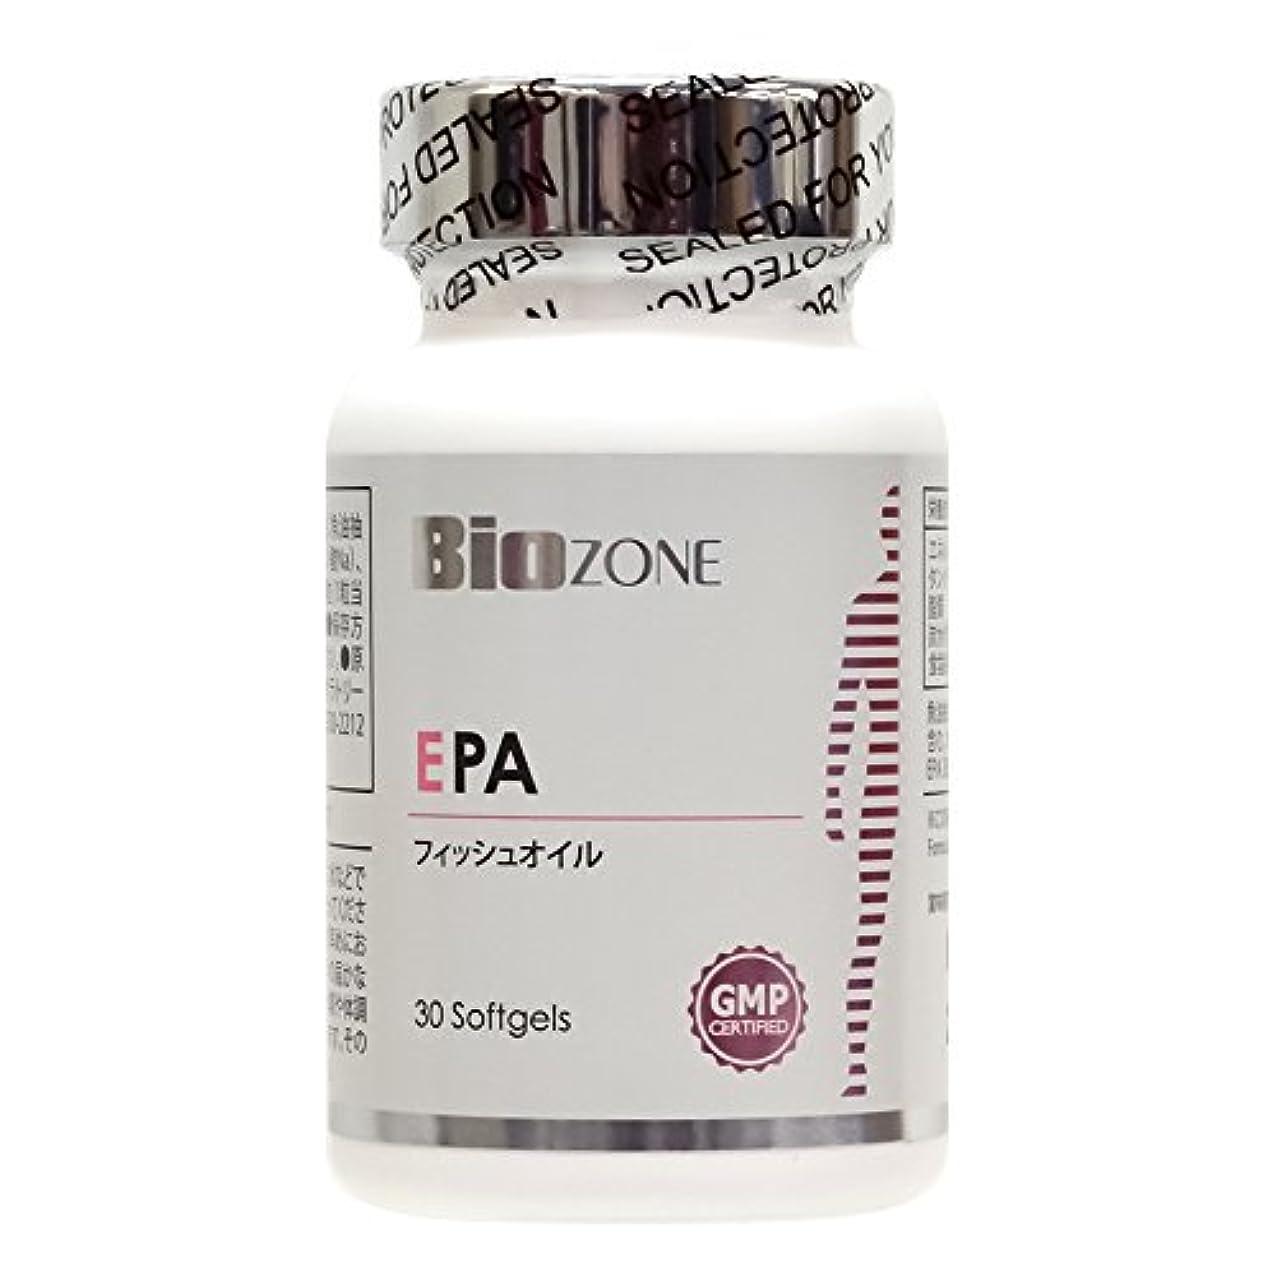 公園適応する高くダグラスラボラトリーズ バイオゾーン(BioZONE) サプリメント EPA 30粒 30日分